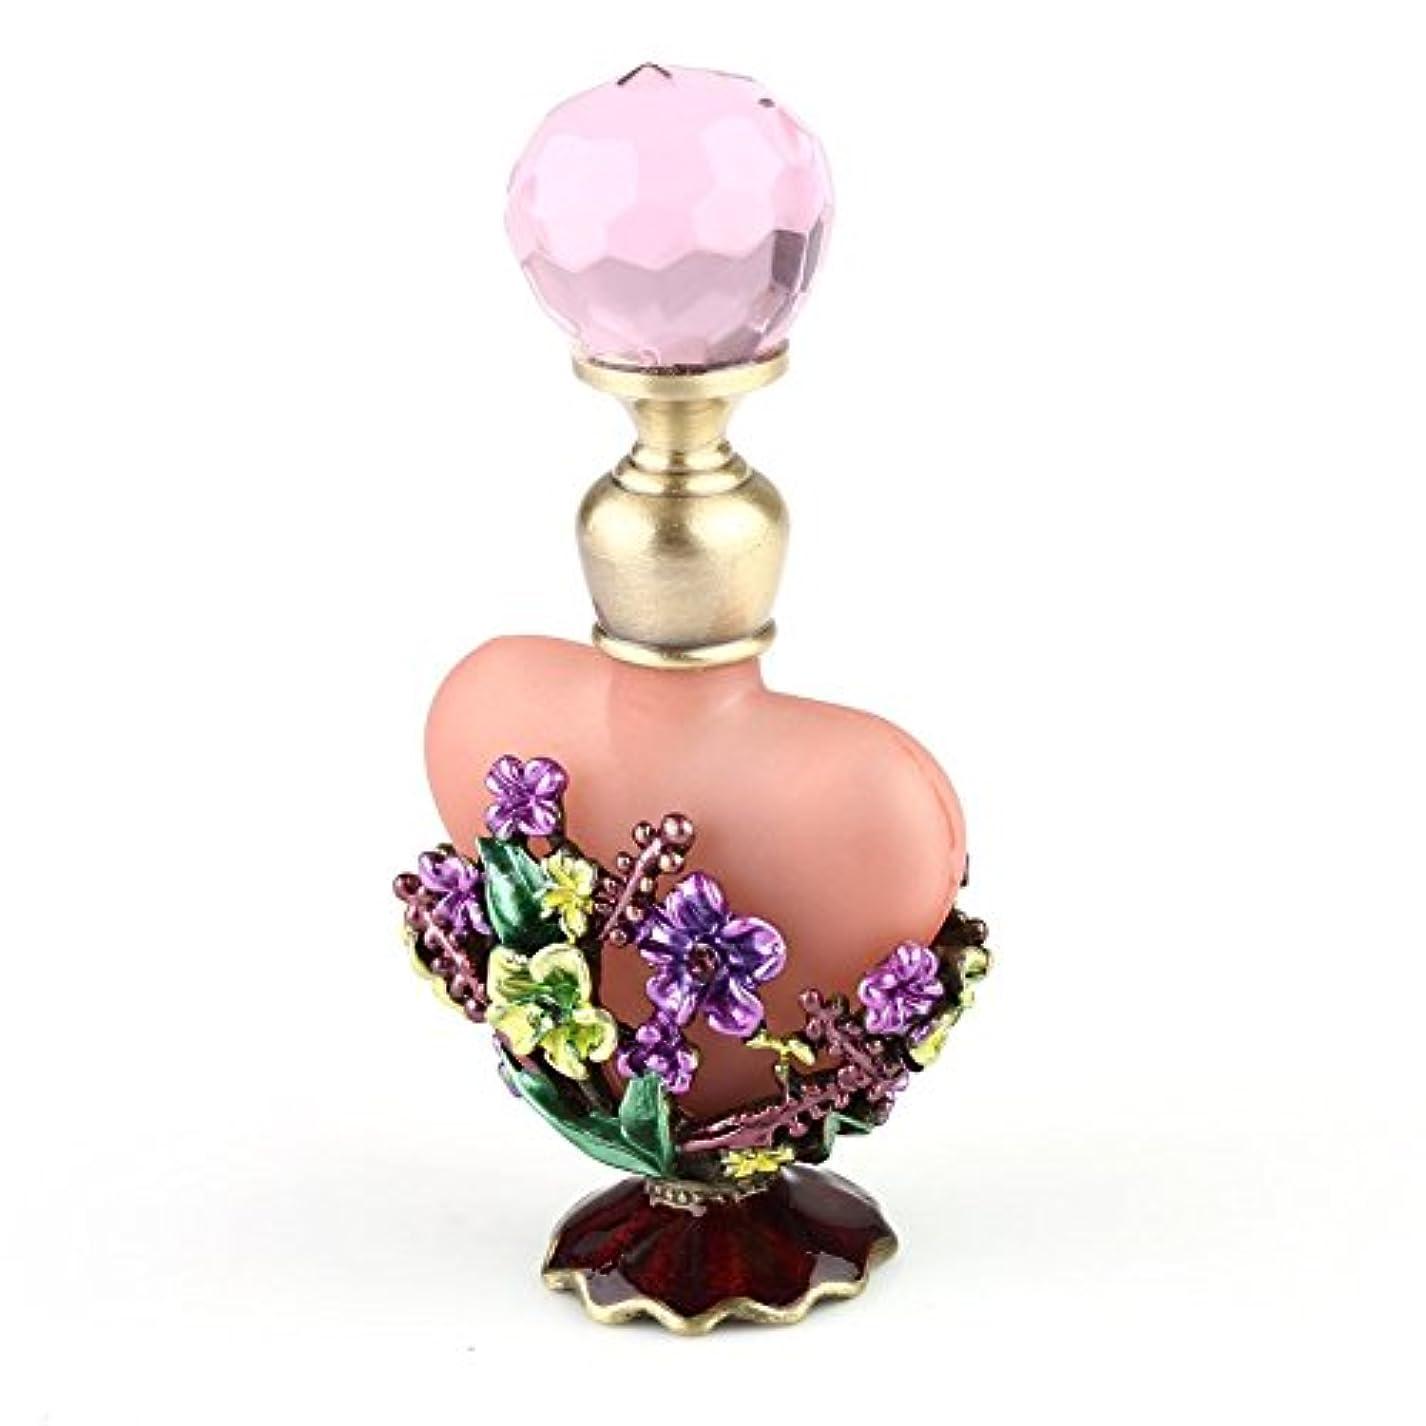 絵メタン公VERY100 高品質 美しい香水瓶/アロマボトル 5ML ピンク アロマオイル用瓶 綺麗アンティーク調フラワーデザイン プレゼント 結婚式 飾り